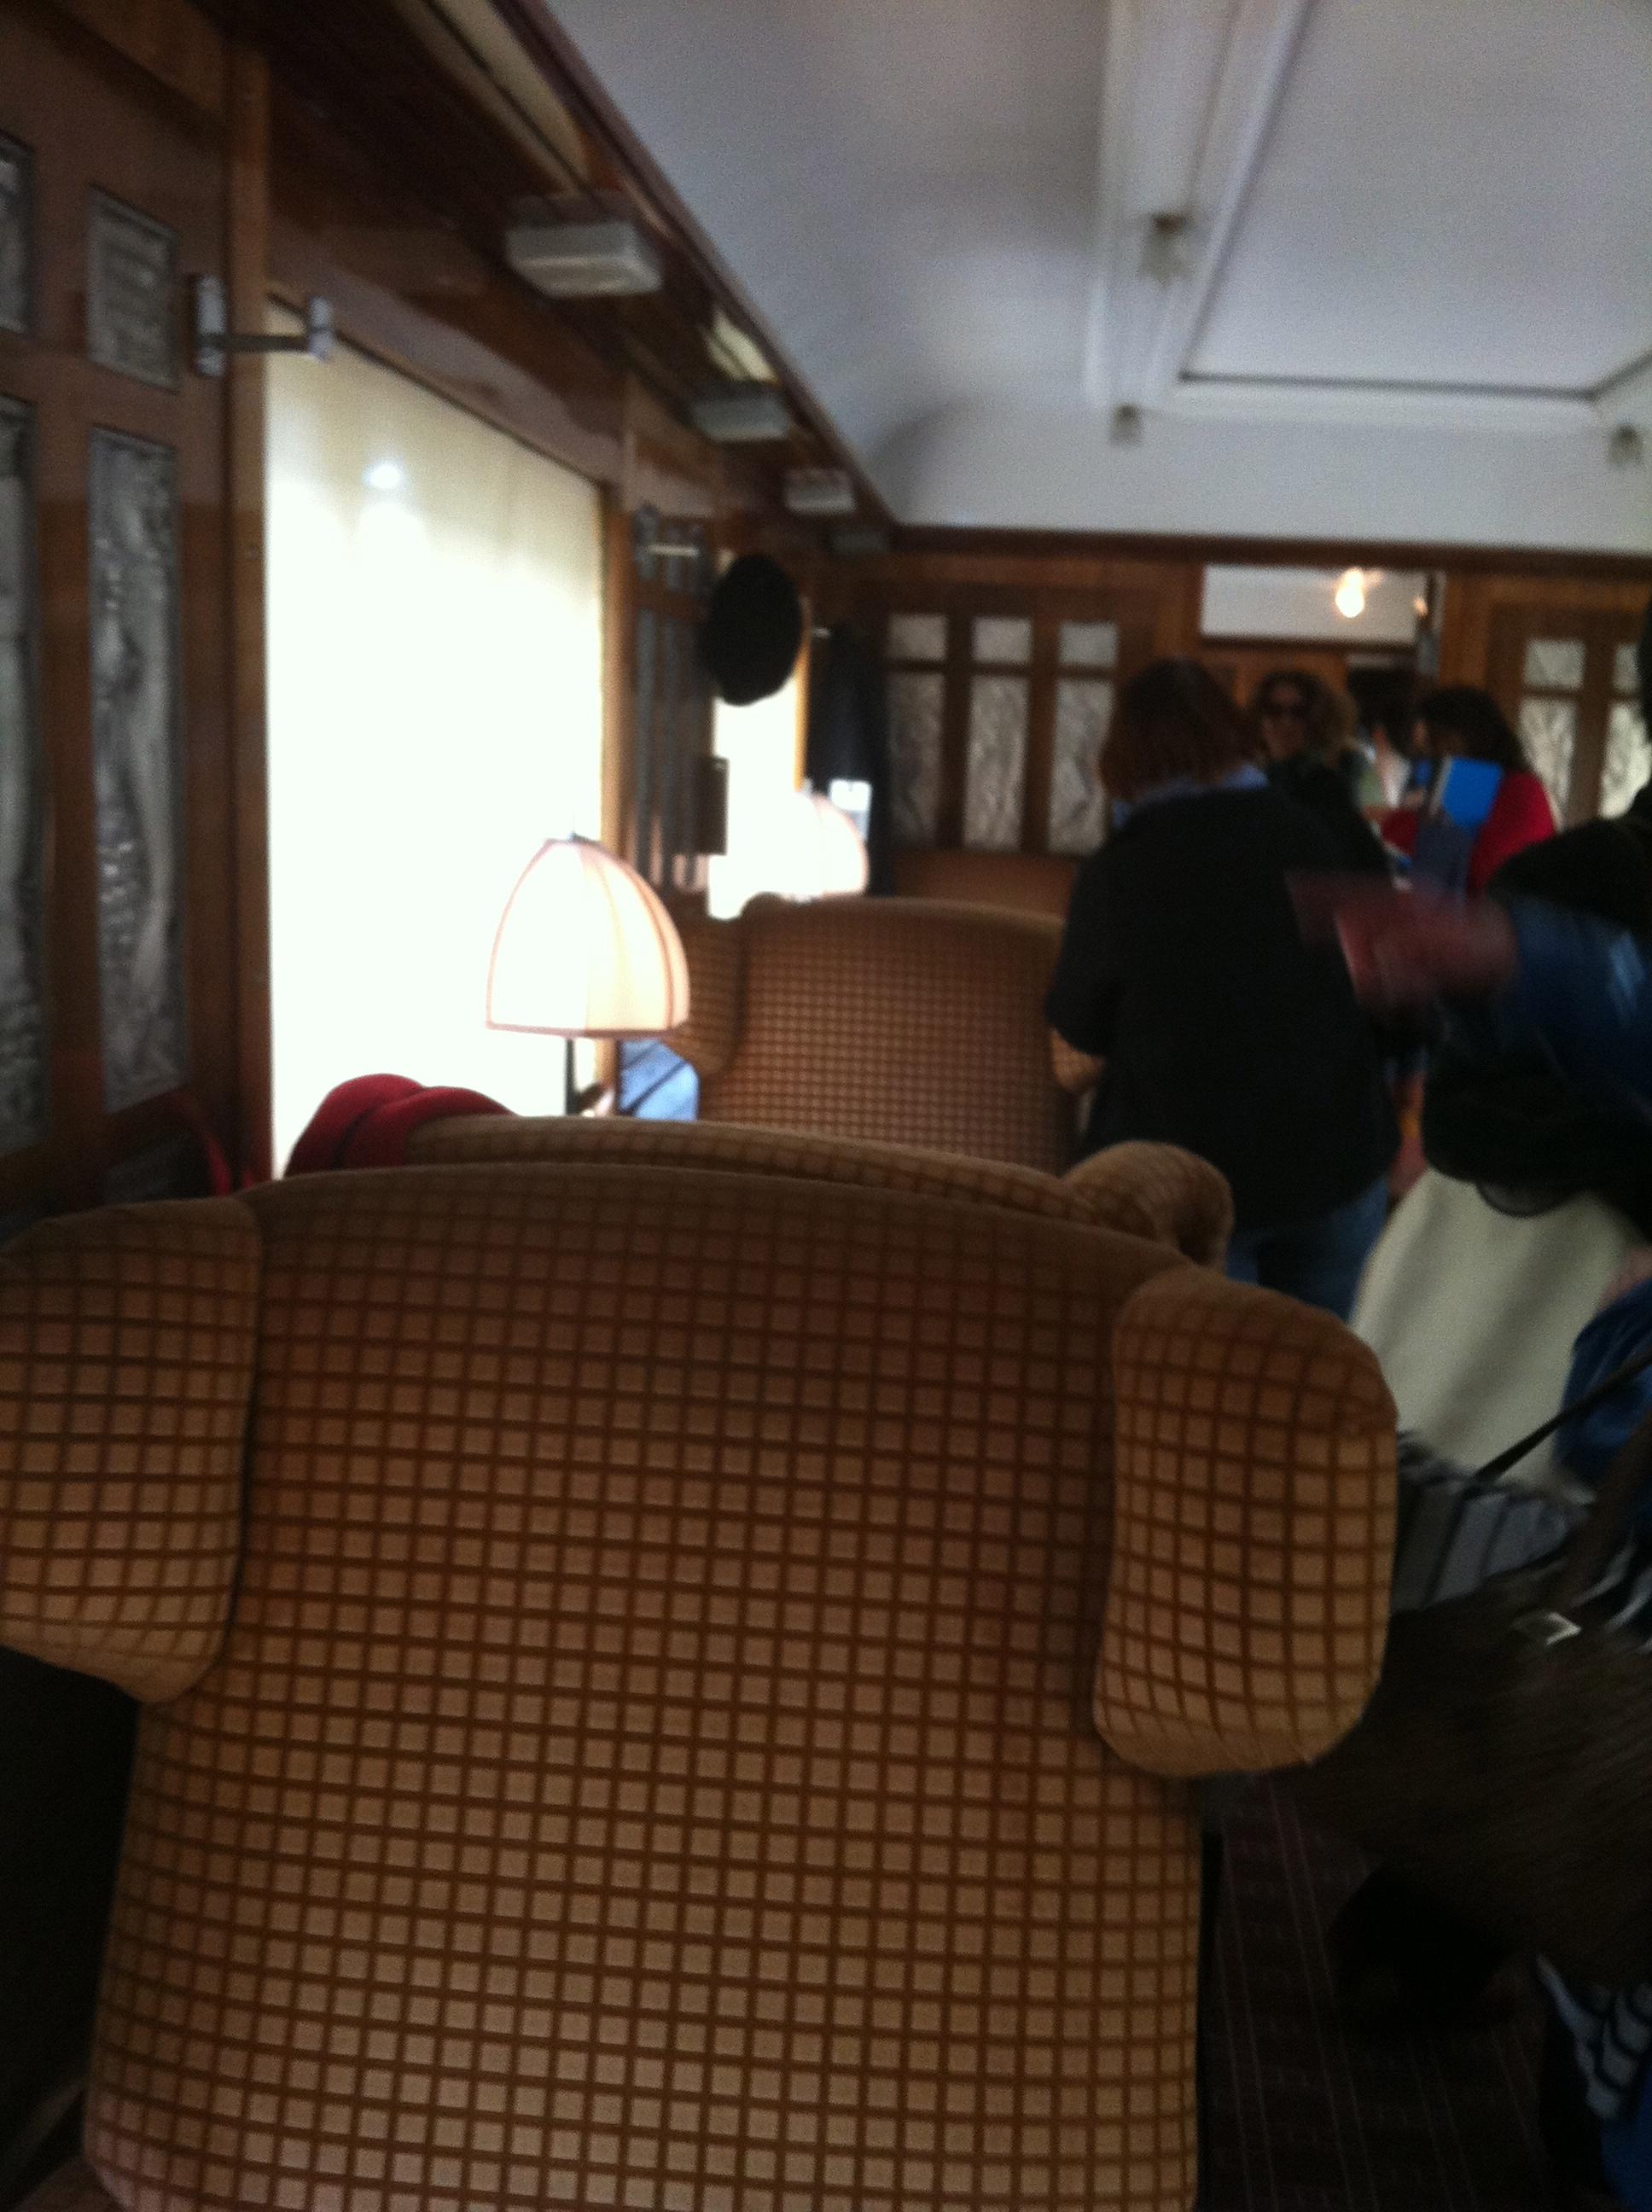 On se croirait dans un train actuel, à la recherche de son numéro de siège